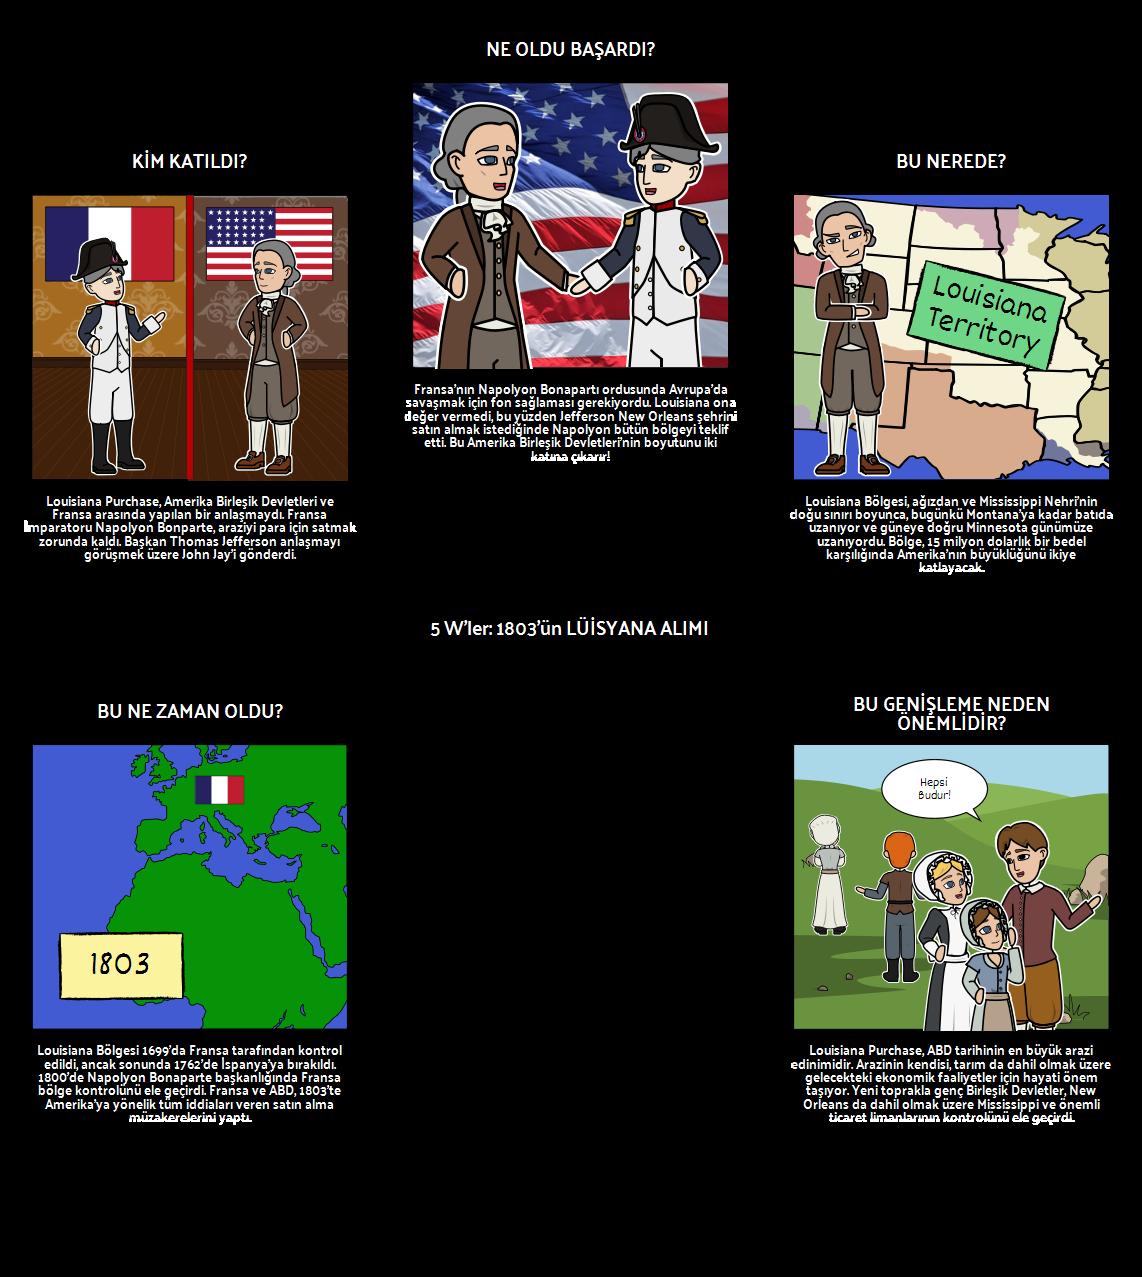 ABD Bölgesel Genişleme - 1803 Louisiana Satın Alınması